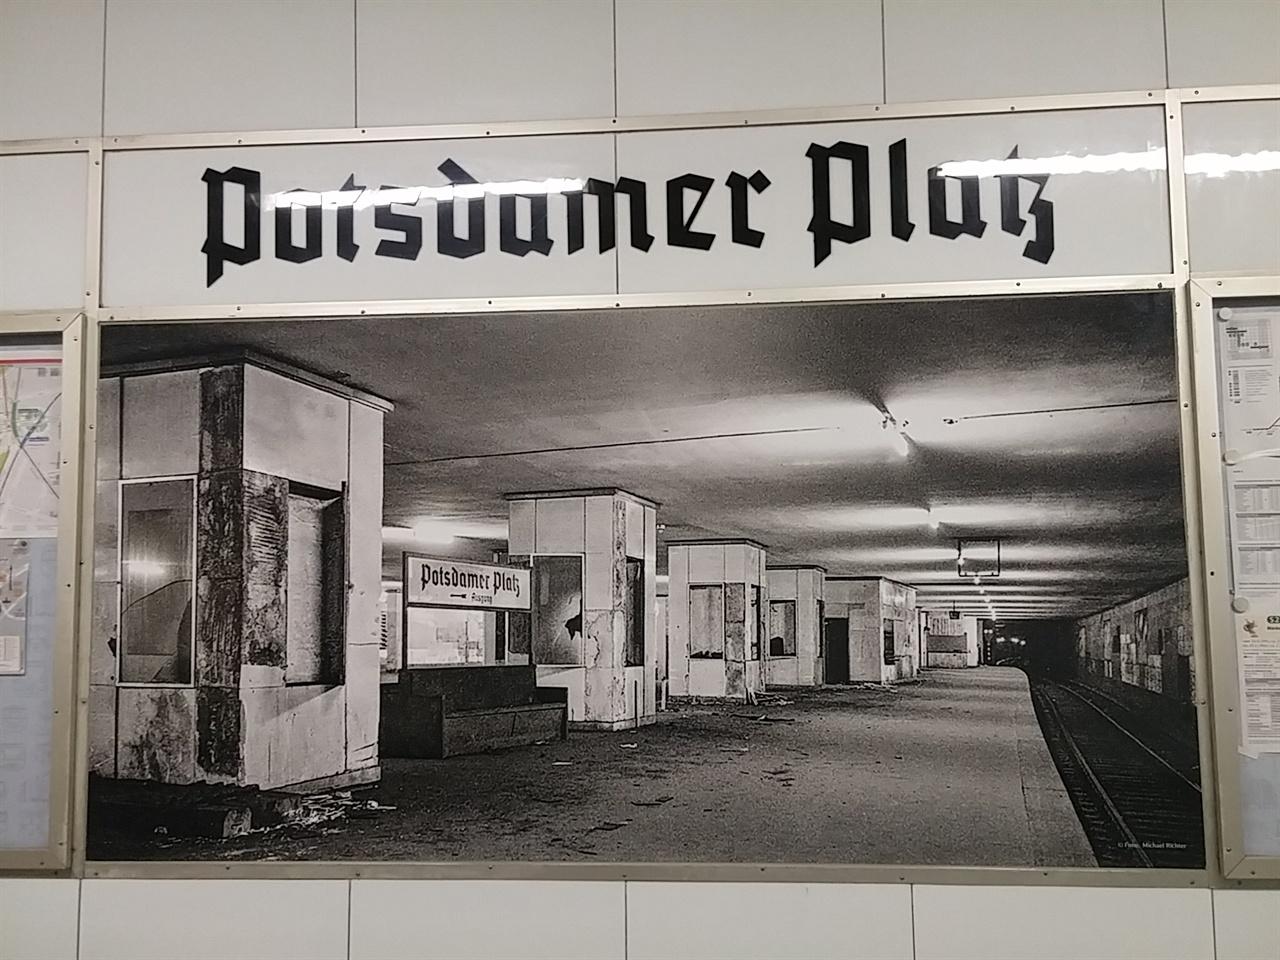 포츠담 광장 역 플랫폼에 붙어 있는 과거의 상처를 드러낸 한 장의 사진